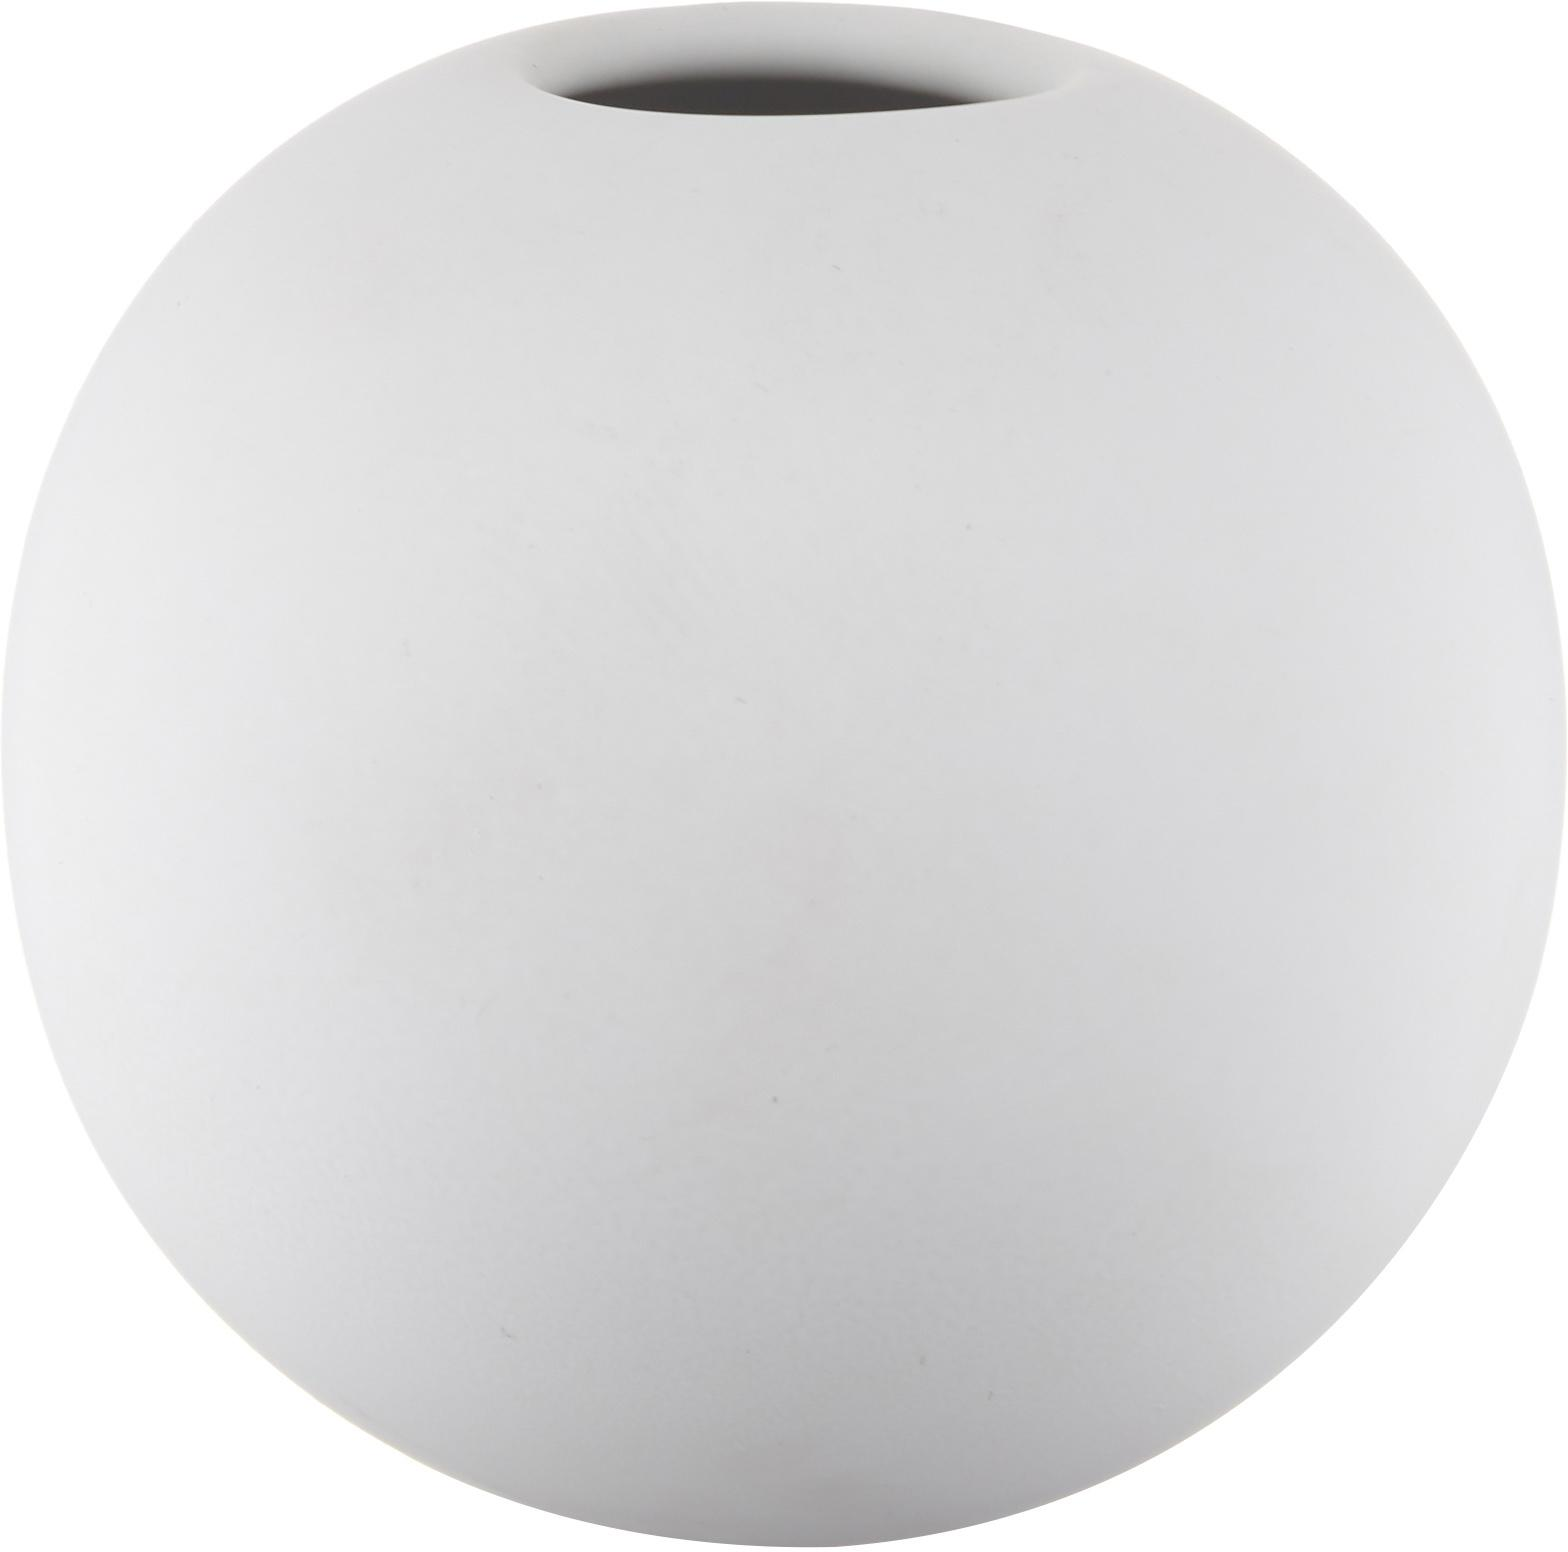 Ręcznie wykonany wazon Ball, Ceramika, Biały, Ø 8 x W 8 cm